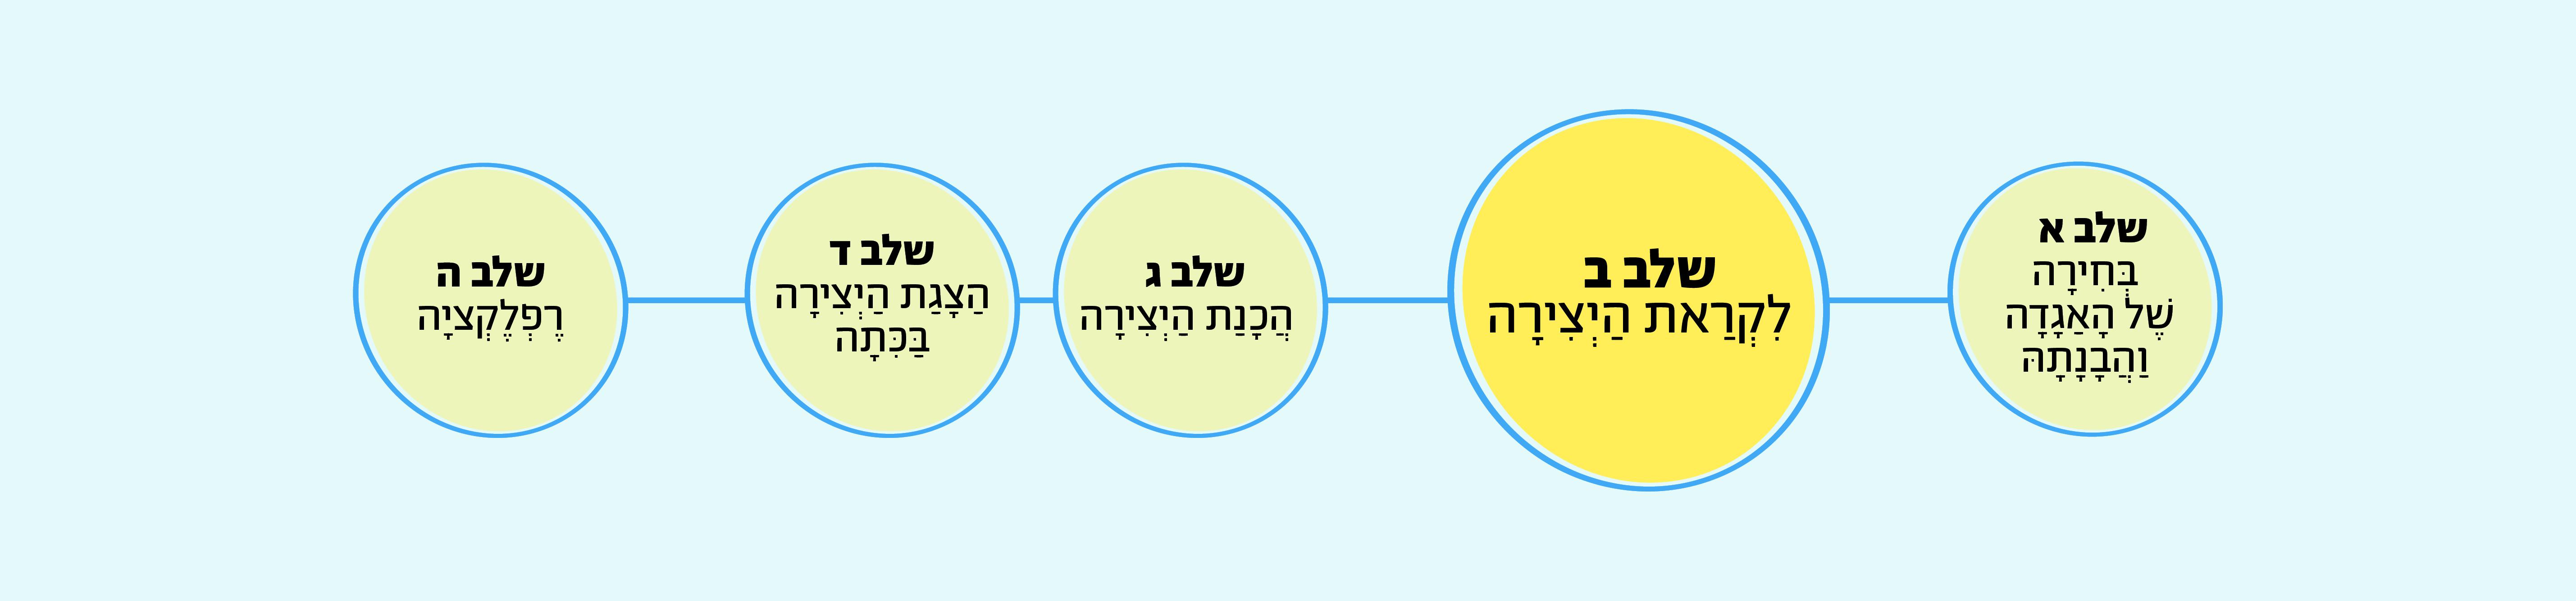 שְׁלַב ב: לִקְרַאת הַיְצִירָה